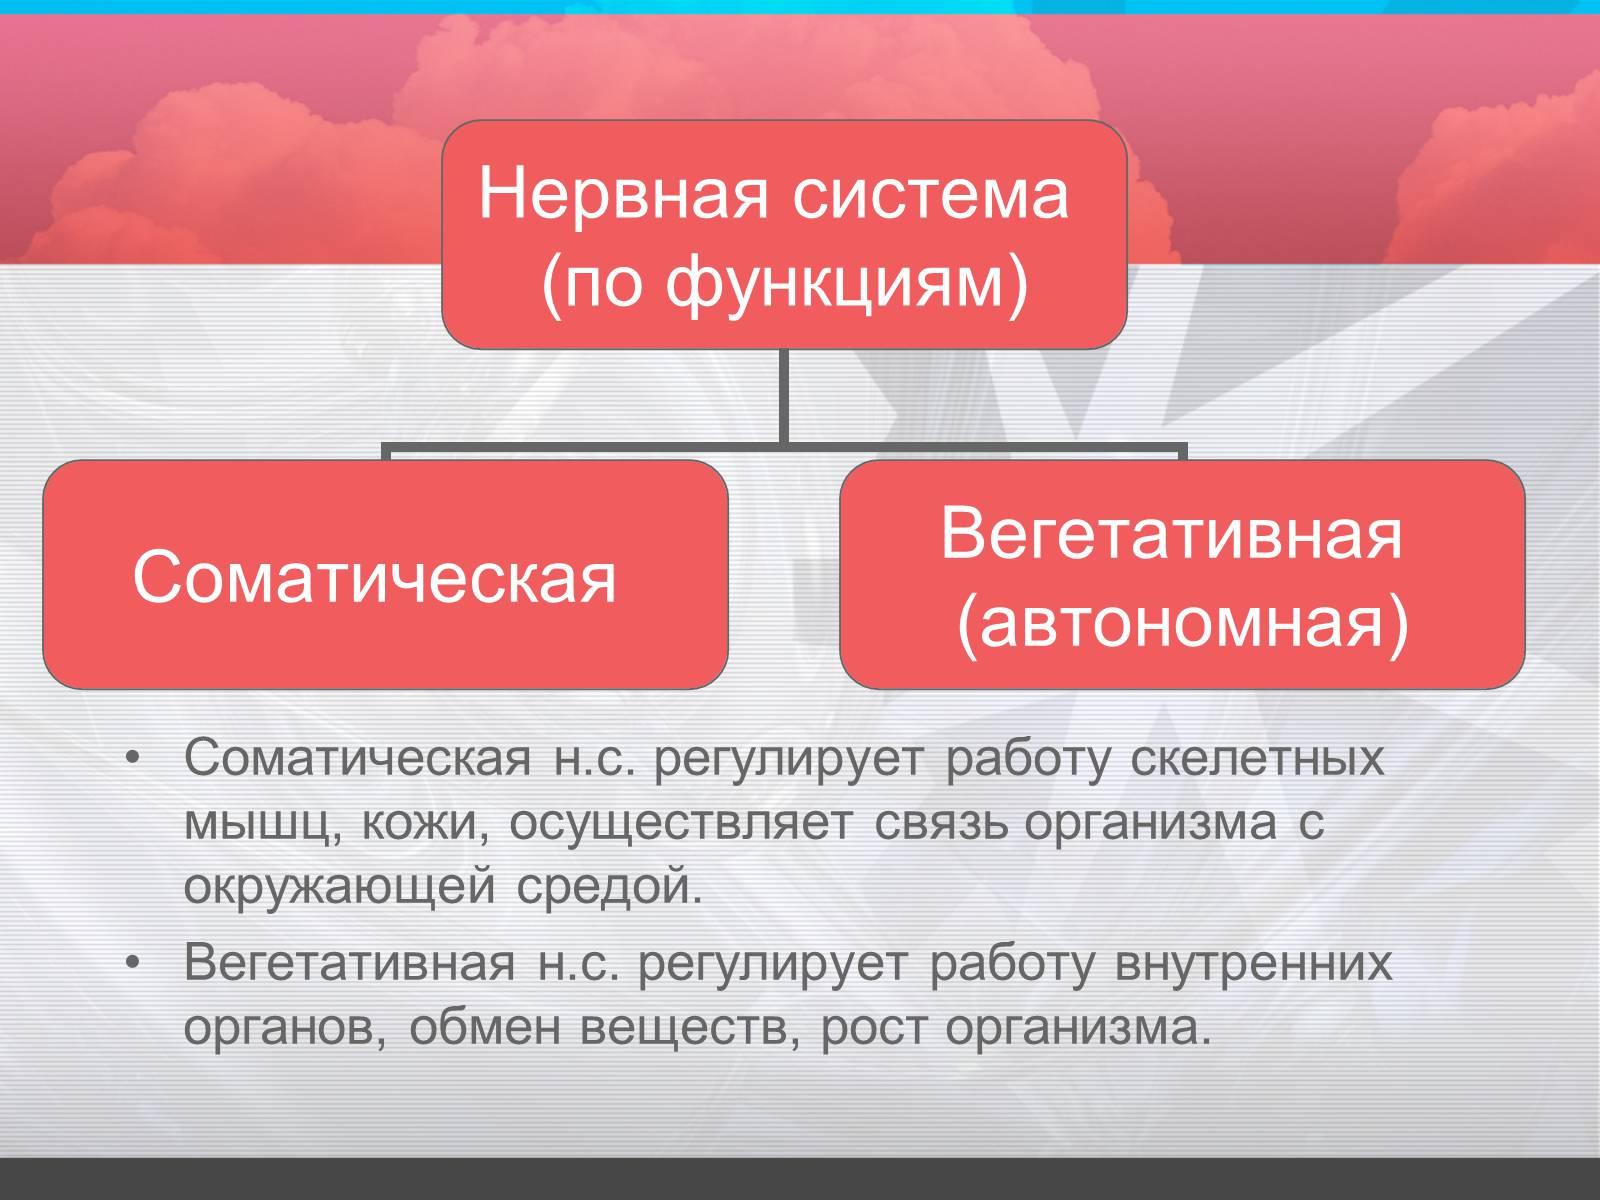 Схема деления нервной системы на отделы